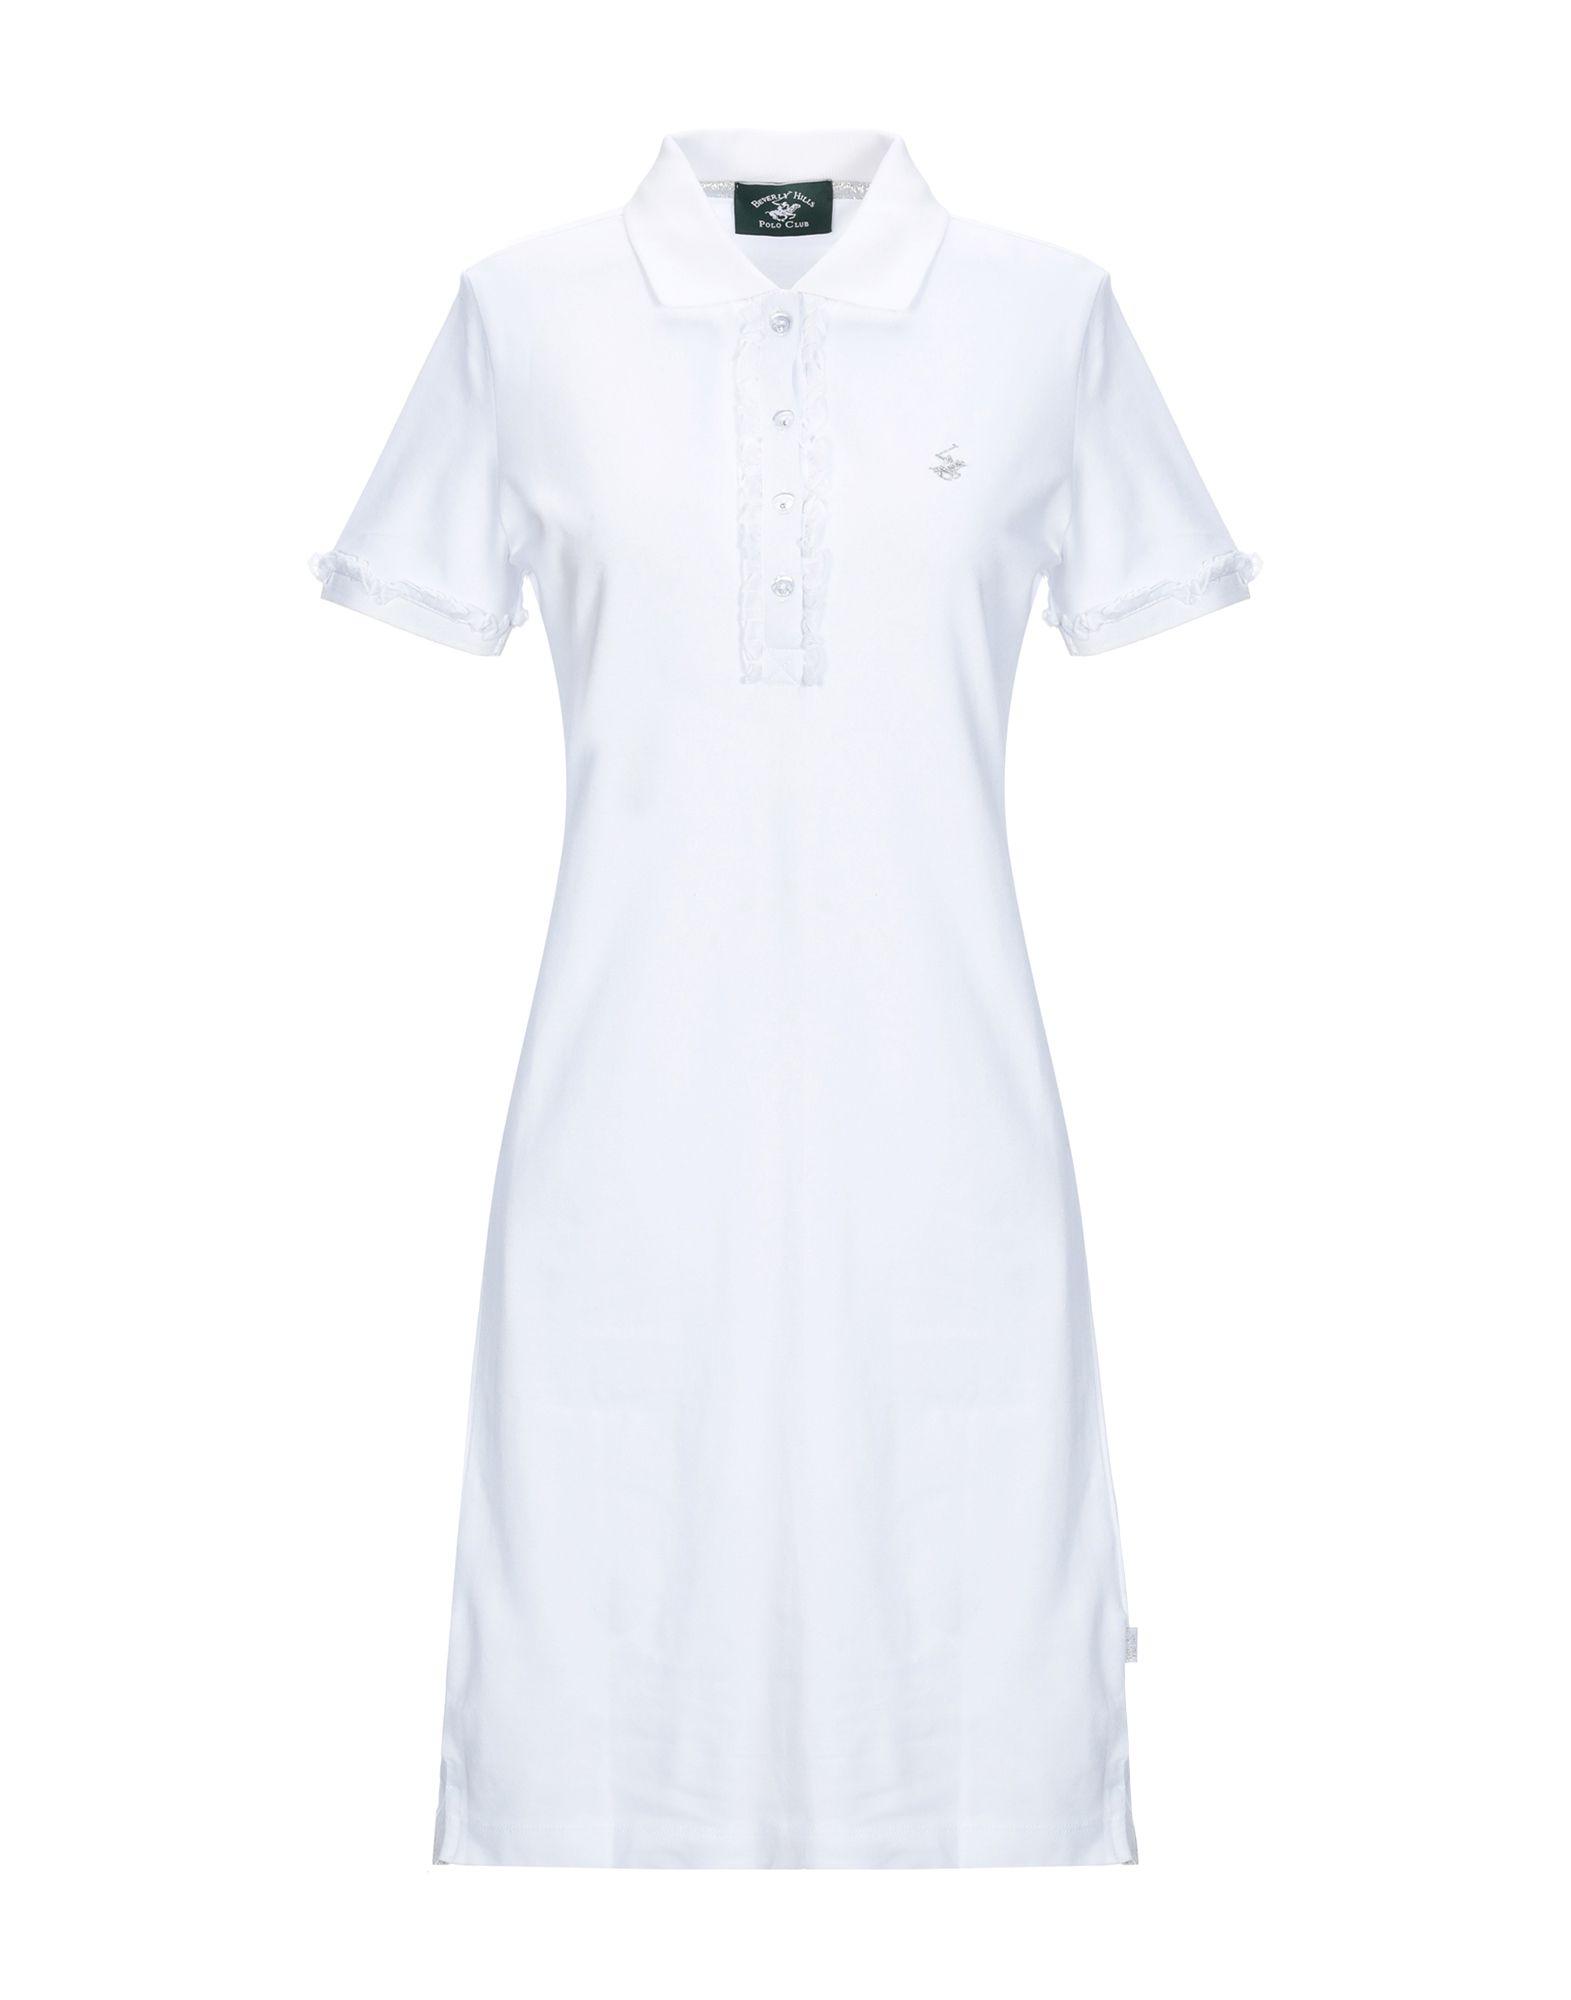 BEVERLY HILLS POLO CLUB Damen Kurzes Kleid Farbe Weiß Größe 5